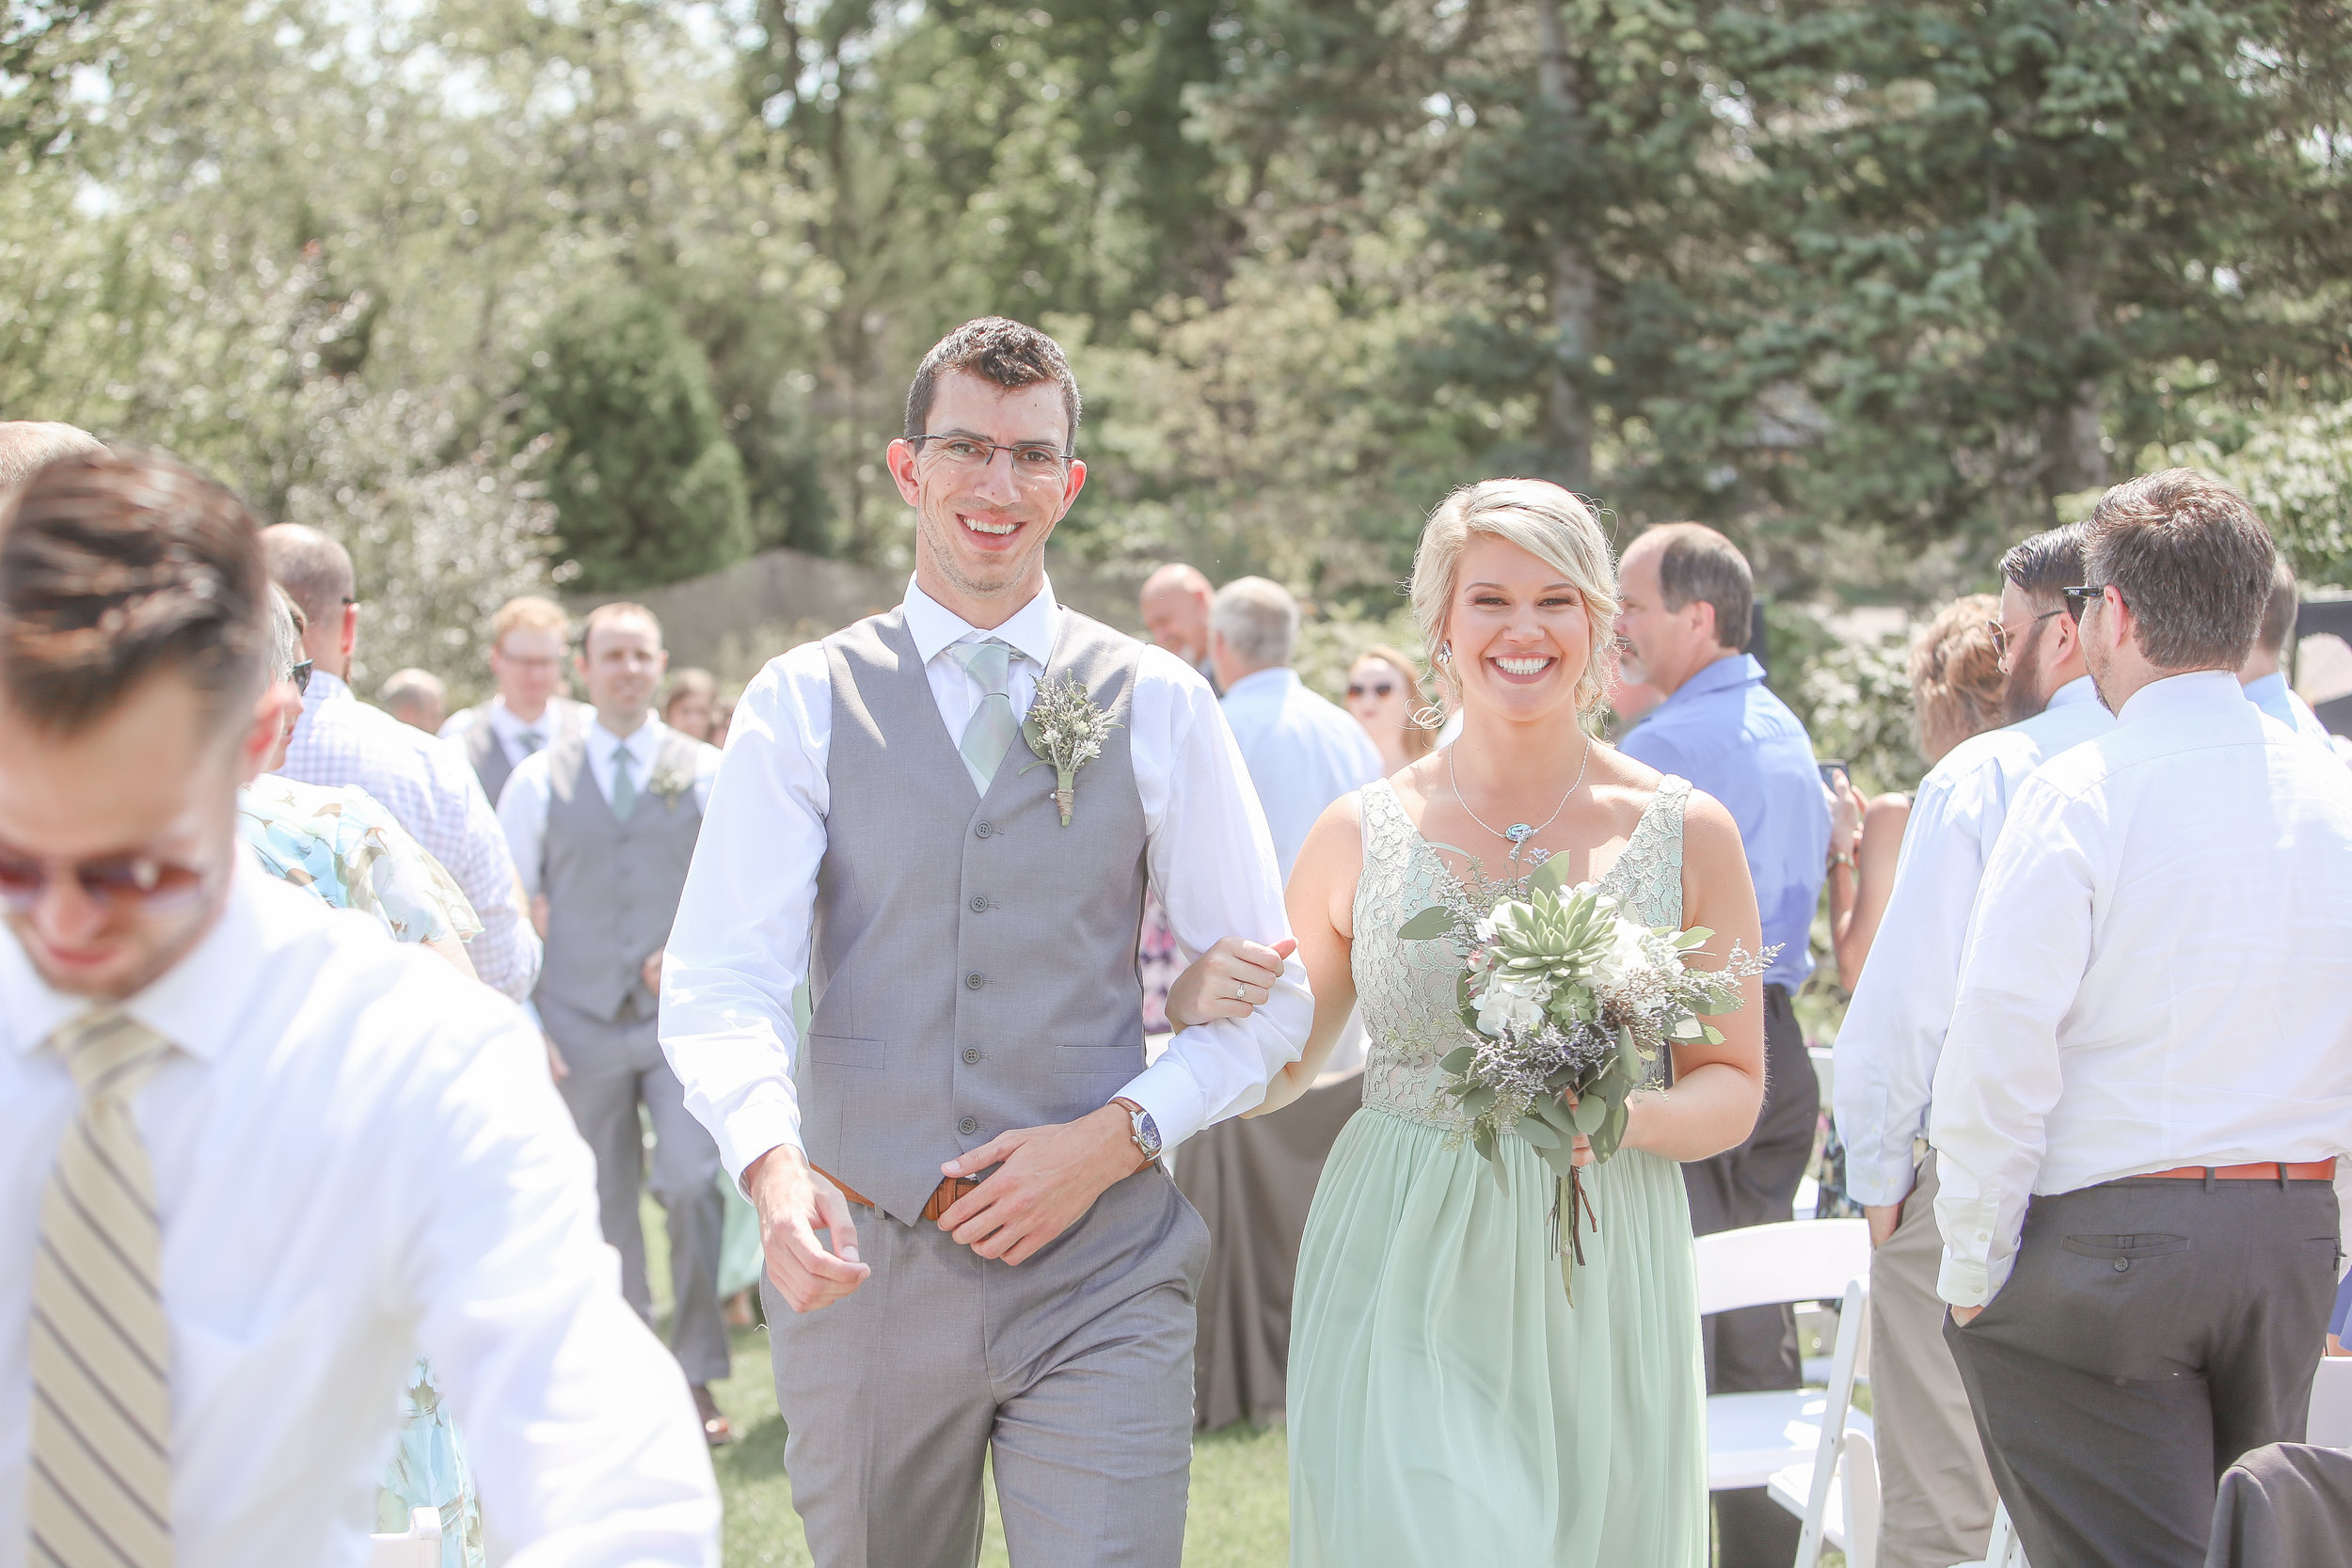 C_Wedding_Sarver, Alyssa & Scott_FOR BLOG-106.JPG